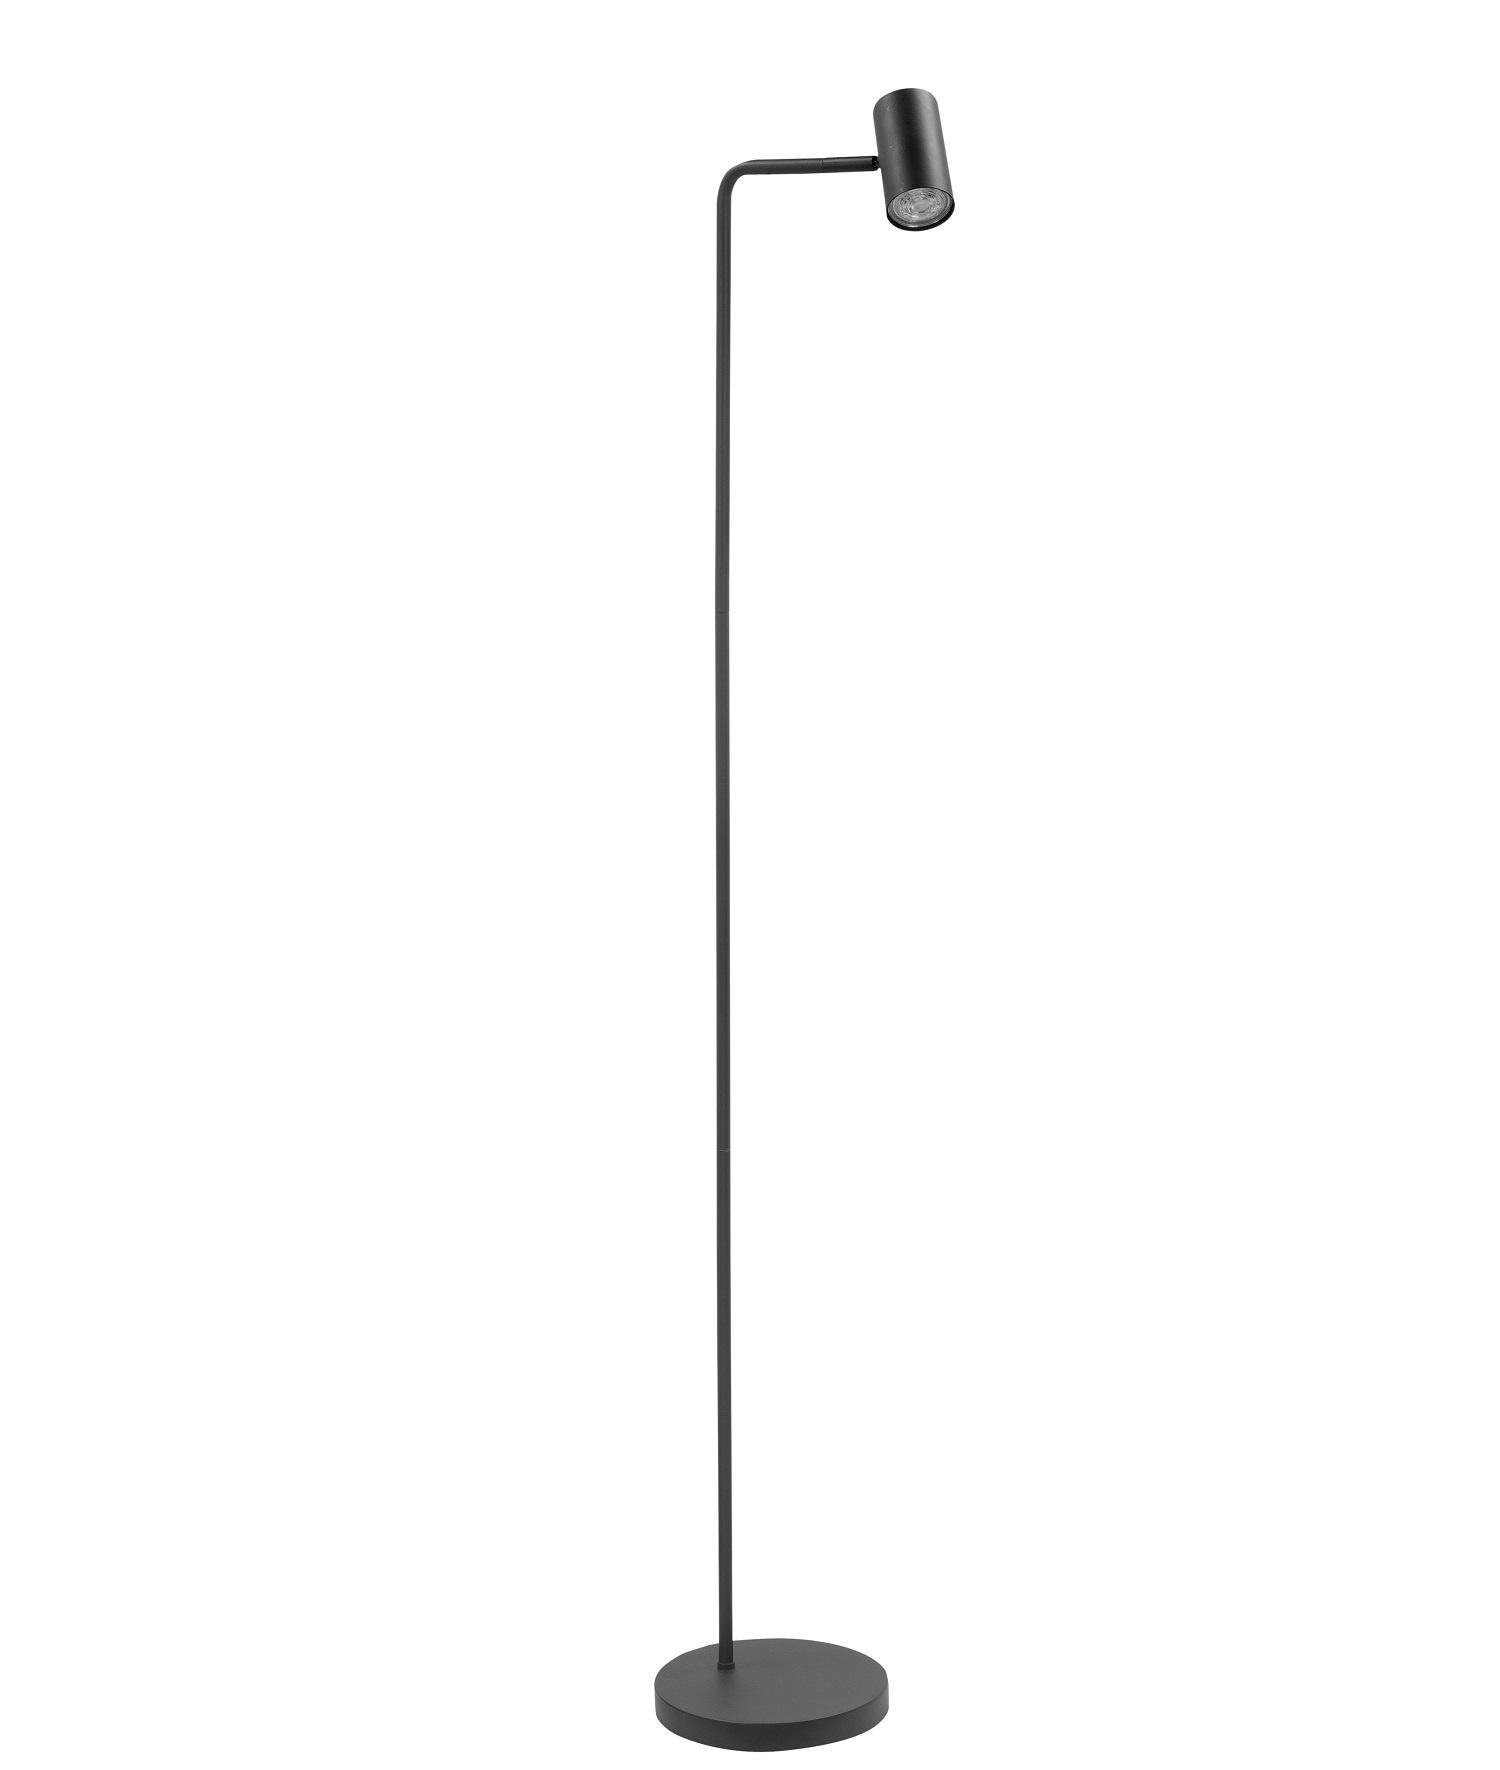 Vloerlamp Burgos Zwart 1 lichts 134cm